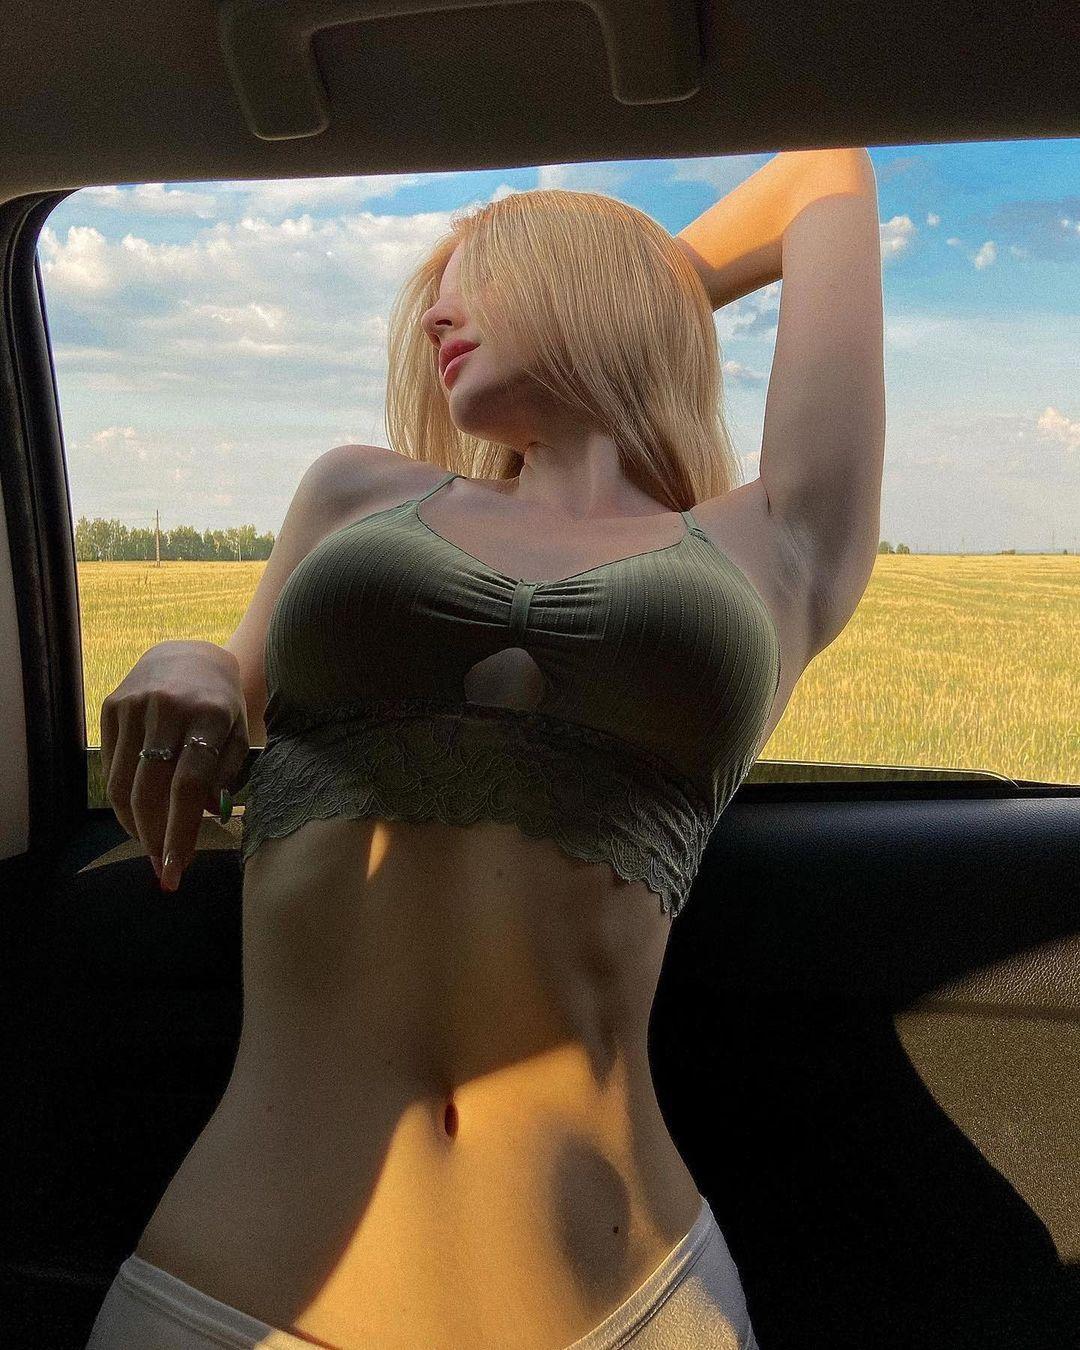 Trào lưu khoe chuẩn đẹp cơ thể trong xe hơi của các cô gái trẻ - 1